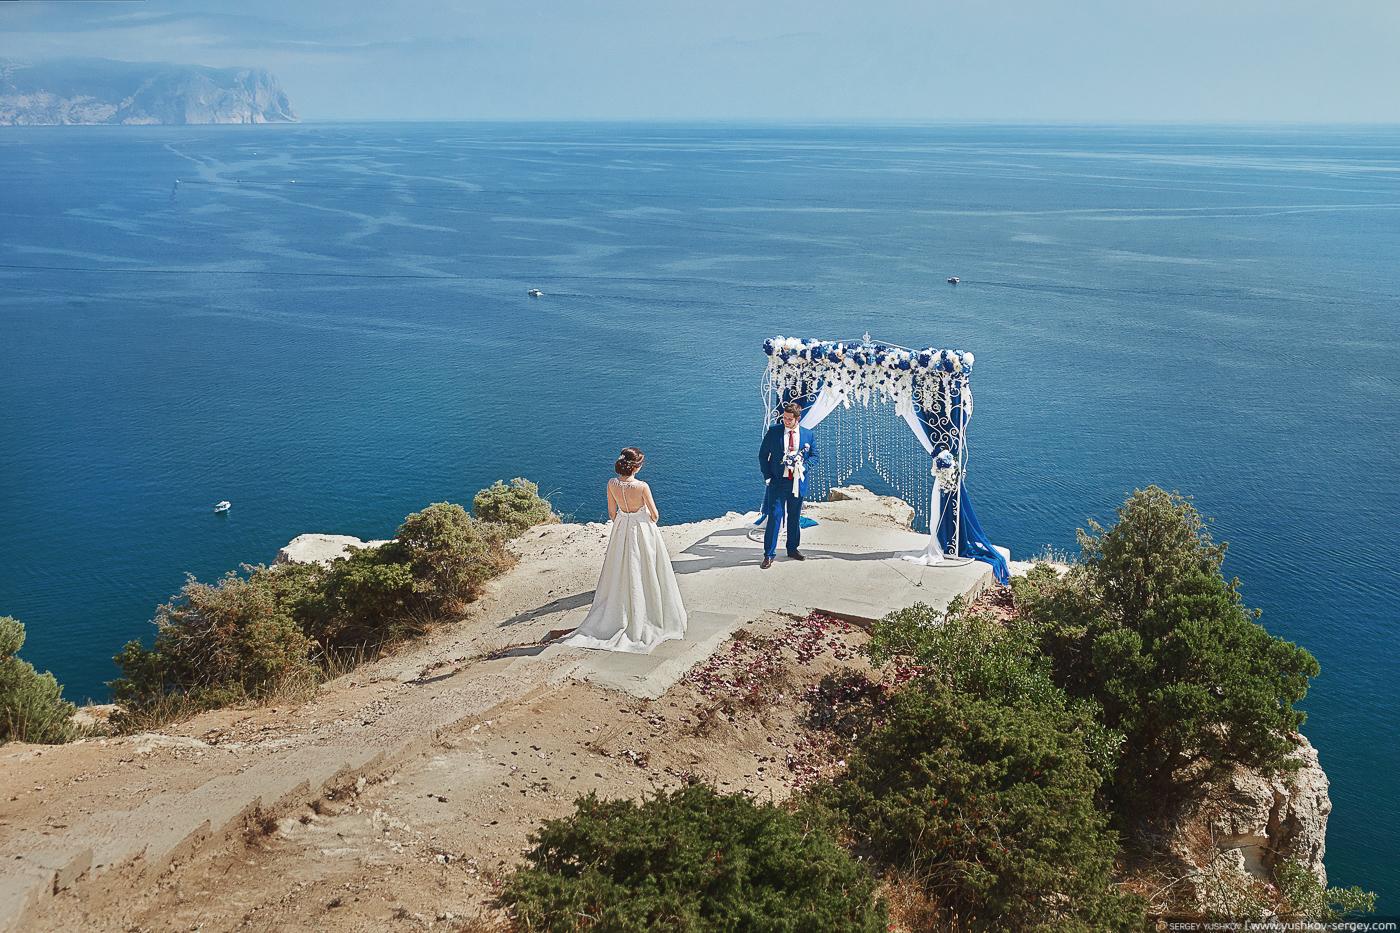 Свадебная фотосессия для двоих у моря на мысе Фиолент. Севастополь, Крым. Фотограф в Крыму - Сергей Юшков.